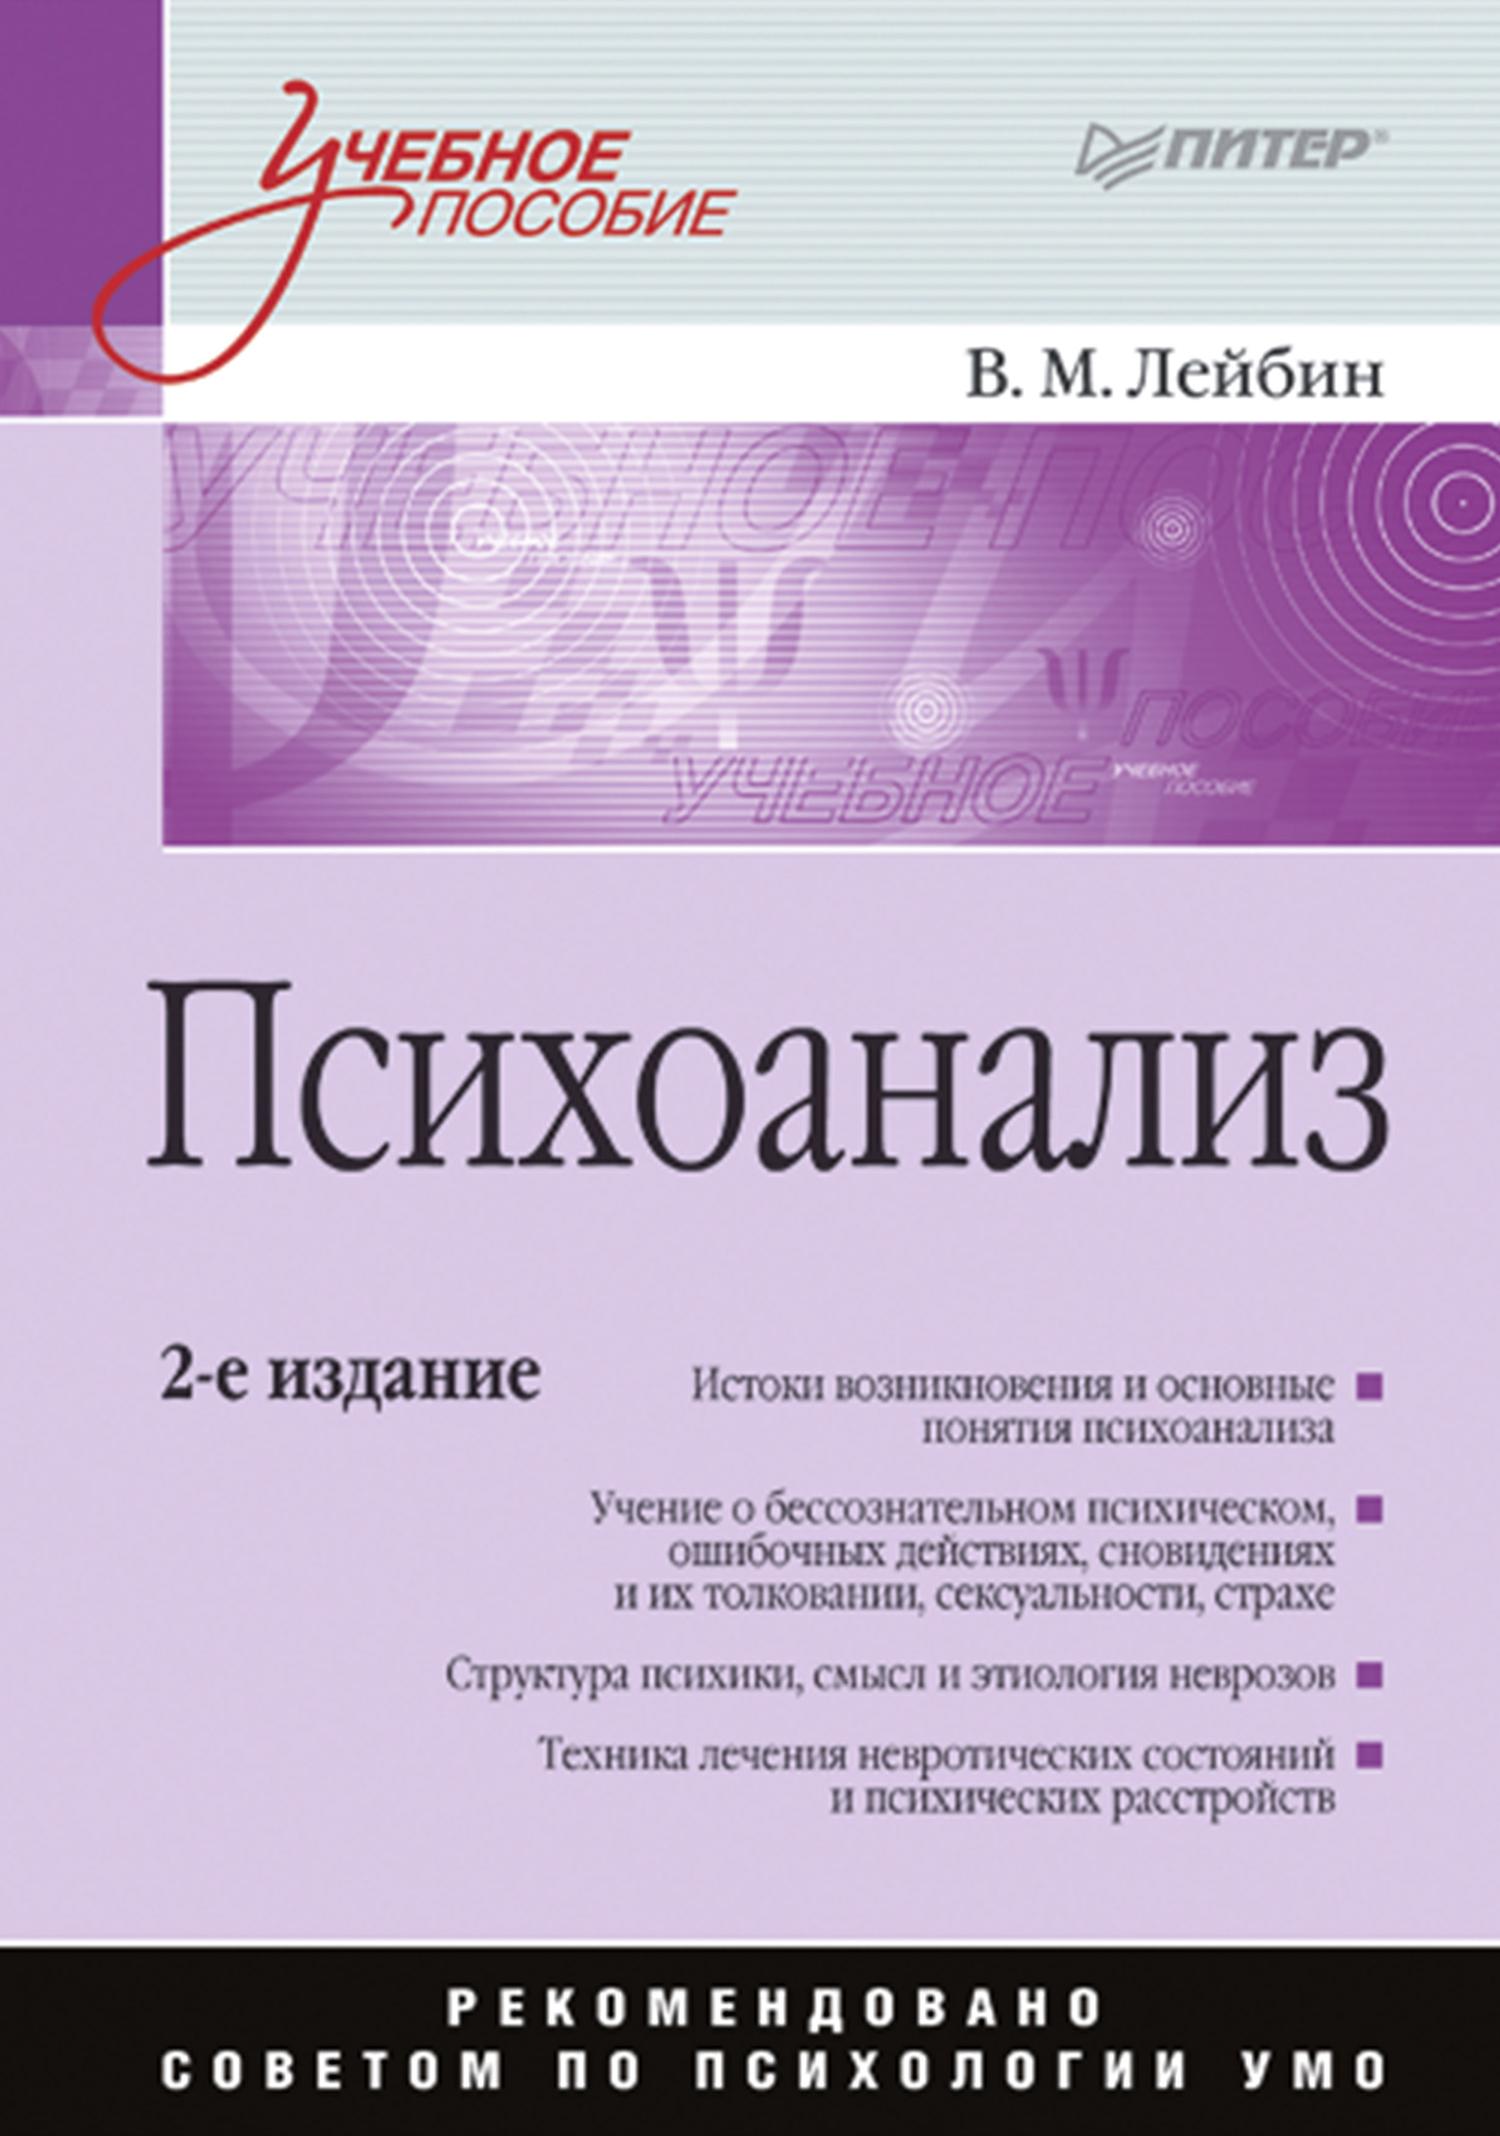 Обложка книги Психоанализ. Учебное пособие, автор Валерий Лейбин